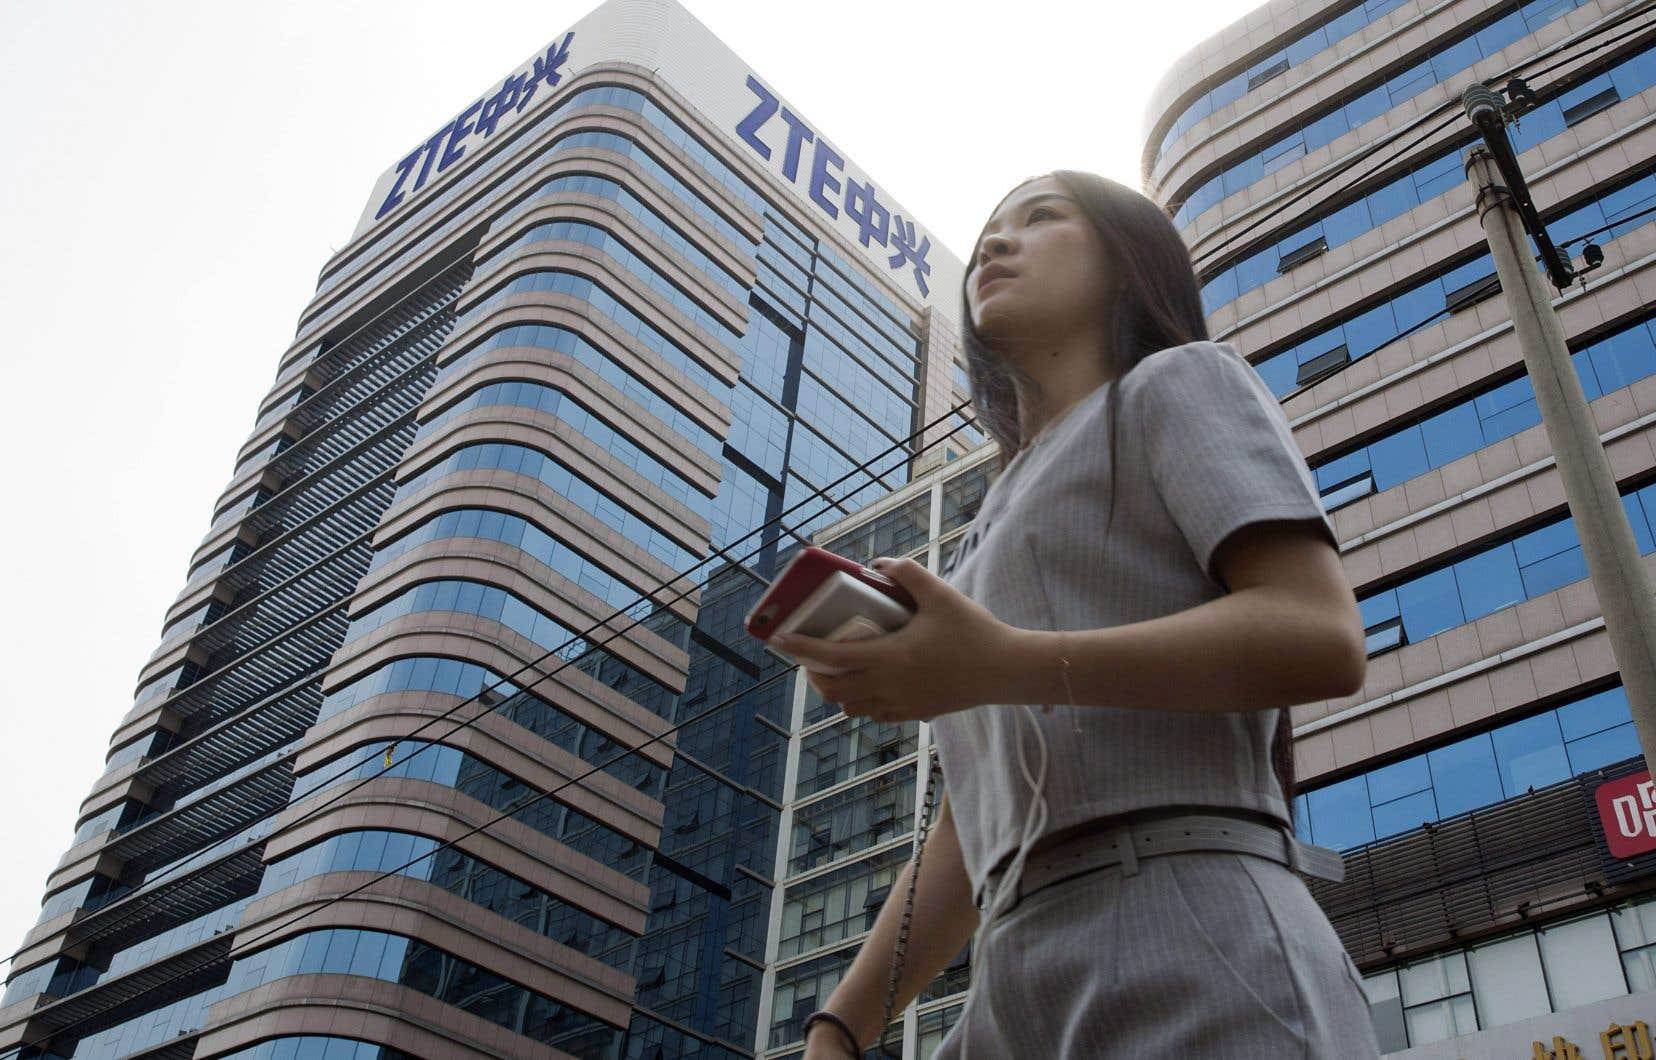 L'Australie estime que des sociétés liées à des gouvernements étrangers, comme ZTE ou Huawei, présentent un risque pour sa sécurité.